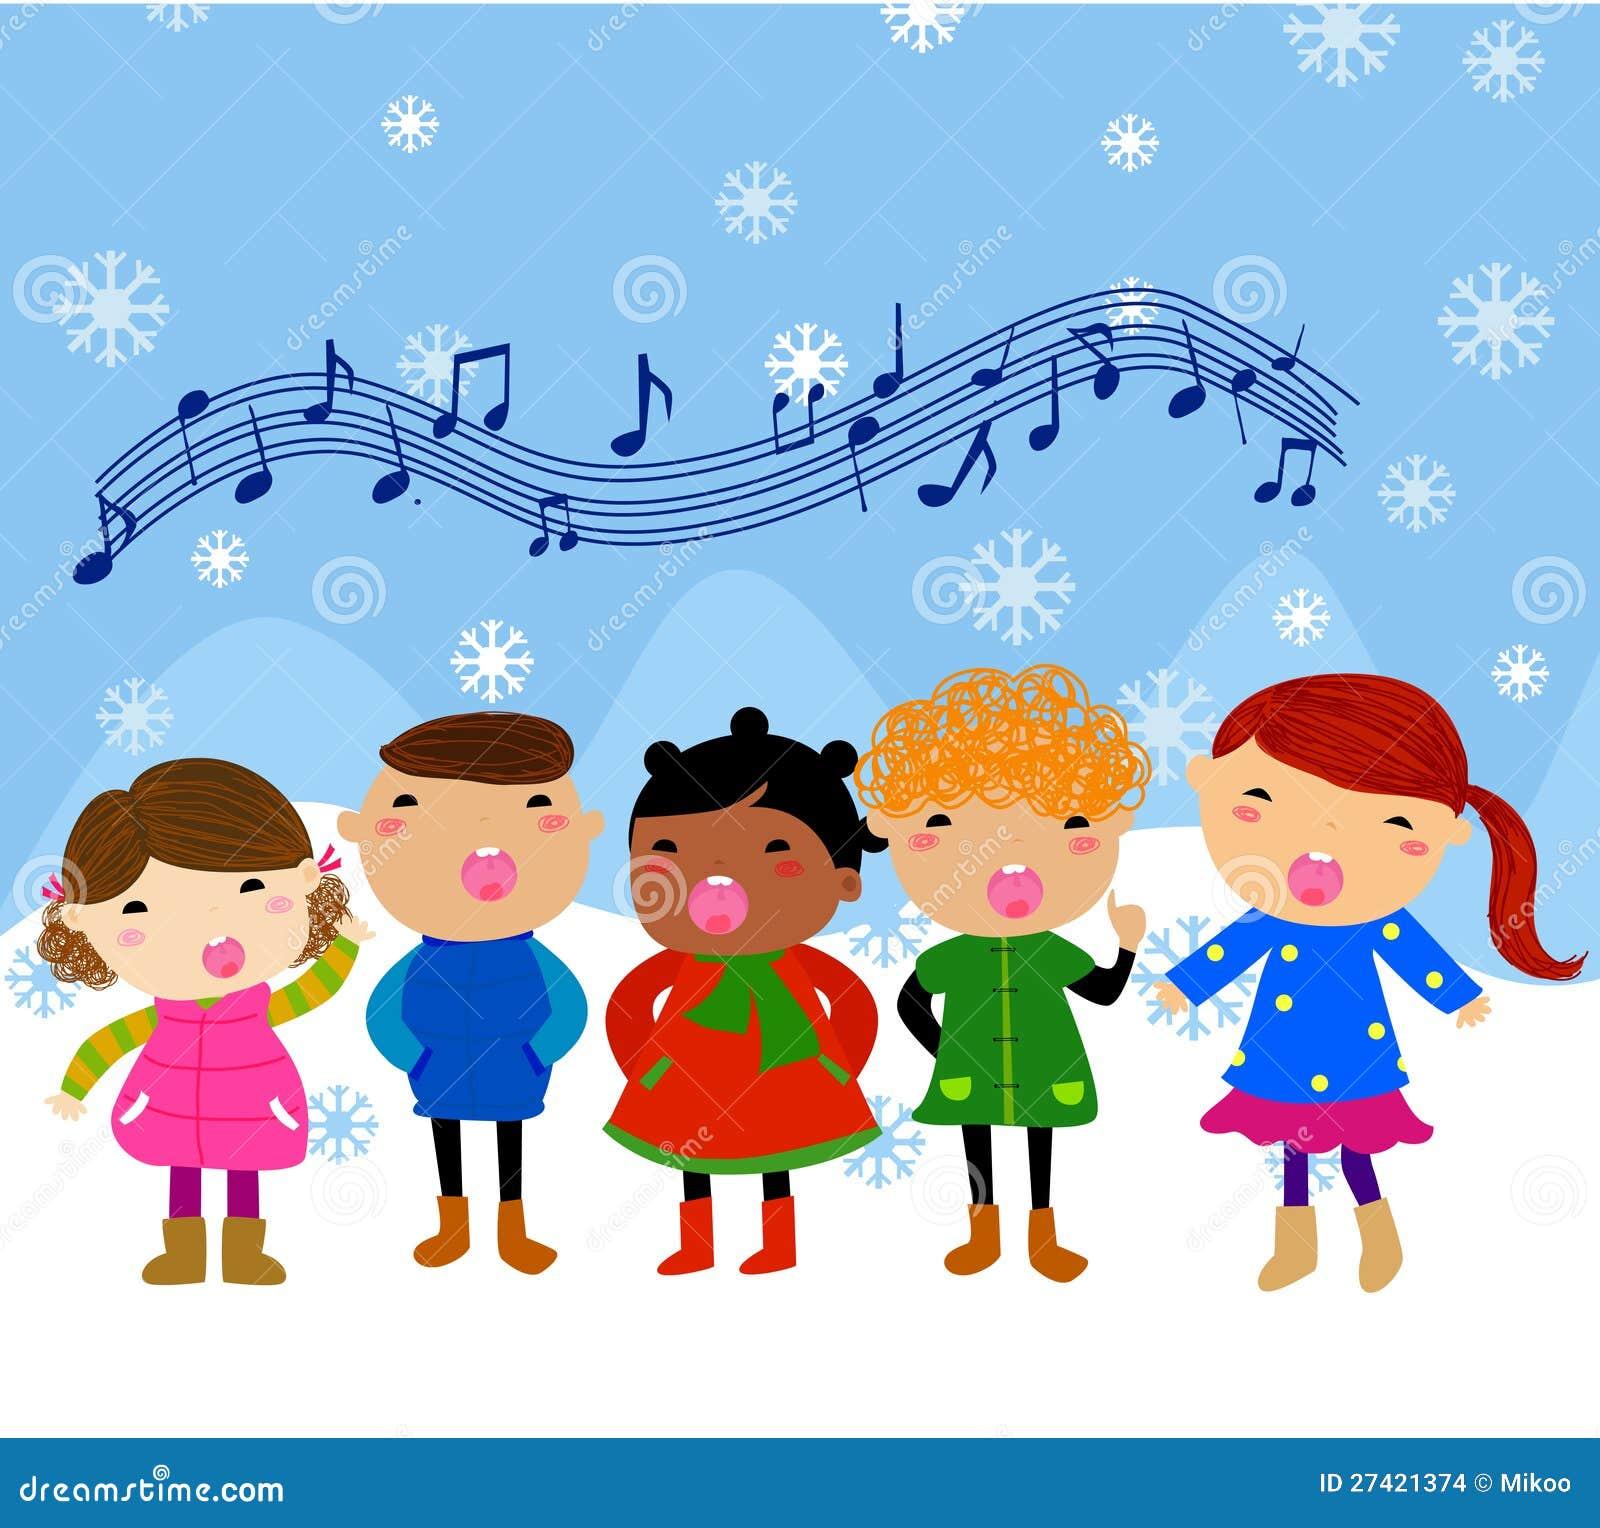 Gruppo di bambini che cantano illustrazione vettoriale - Immagini di cicogne che portano bambini ...